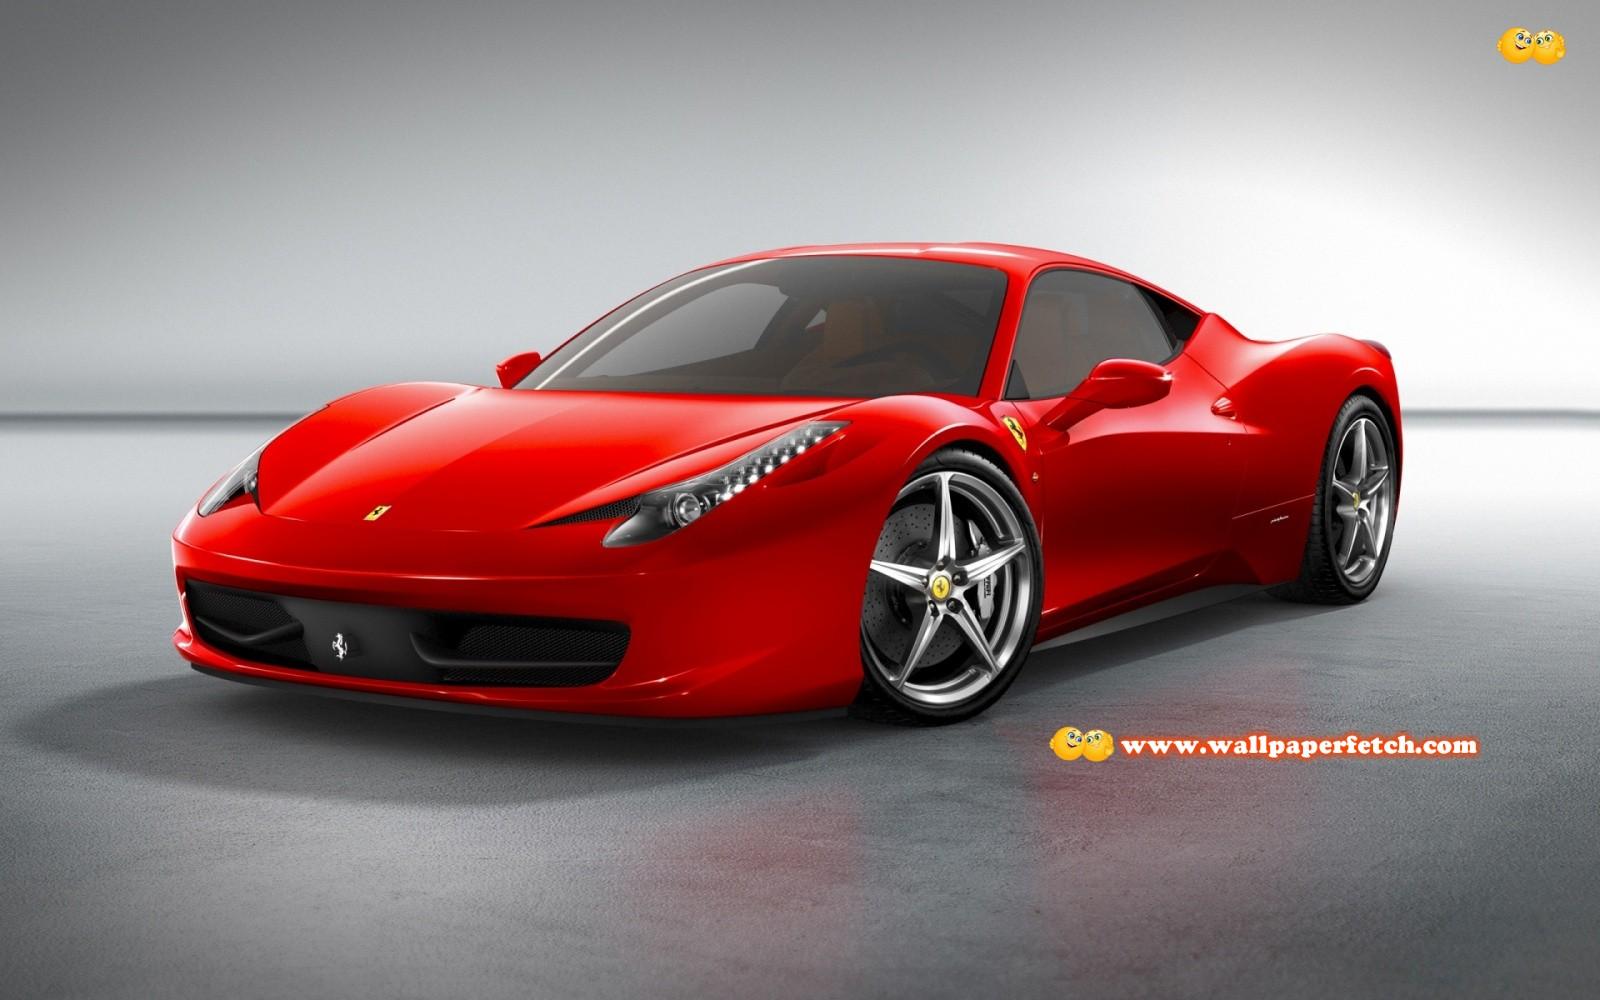 http://4.bp.blogspot.com/-2yjlCg8fDYc/TysNwsmowoI/AAAAAAAAI_s/98RGQ7Clg9Q/s1600/ws_Ferrari_458_Italia_1600x1200.jpg